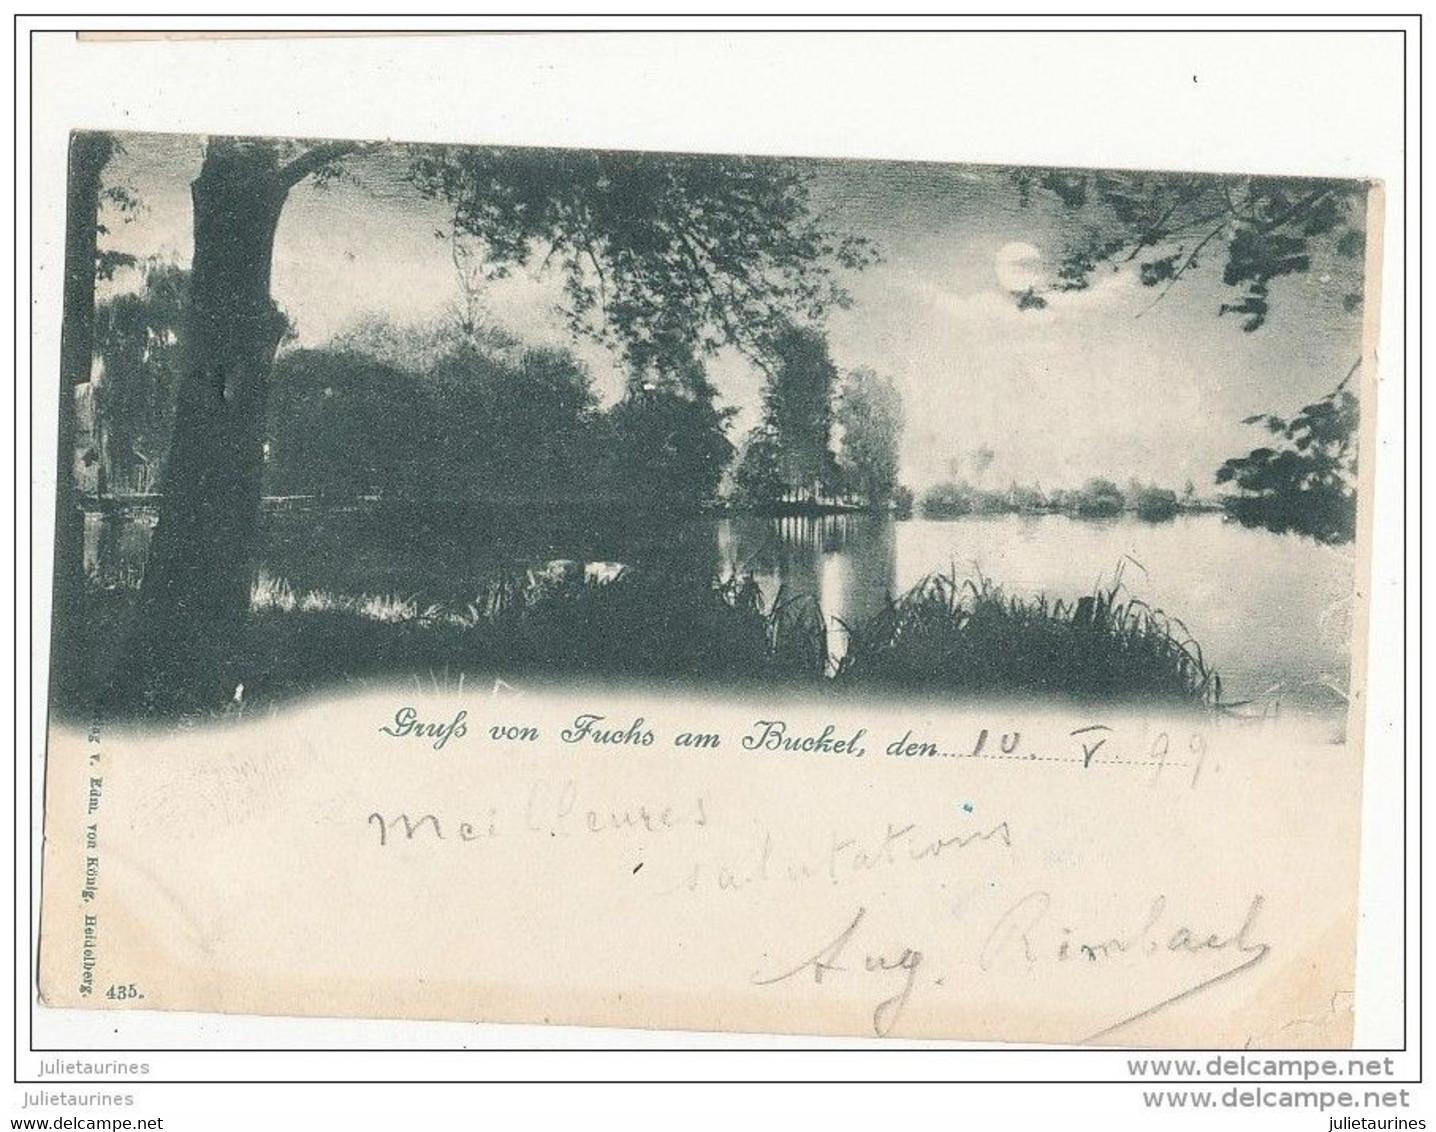 67 GRUFS VON FUCHS AM BUCKEL DES PRES DE STRASBOURG CPA 1899 BON ETAT - Other Municipalities